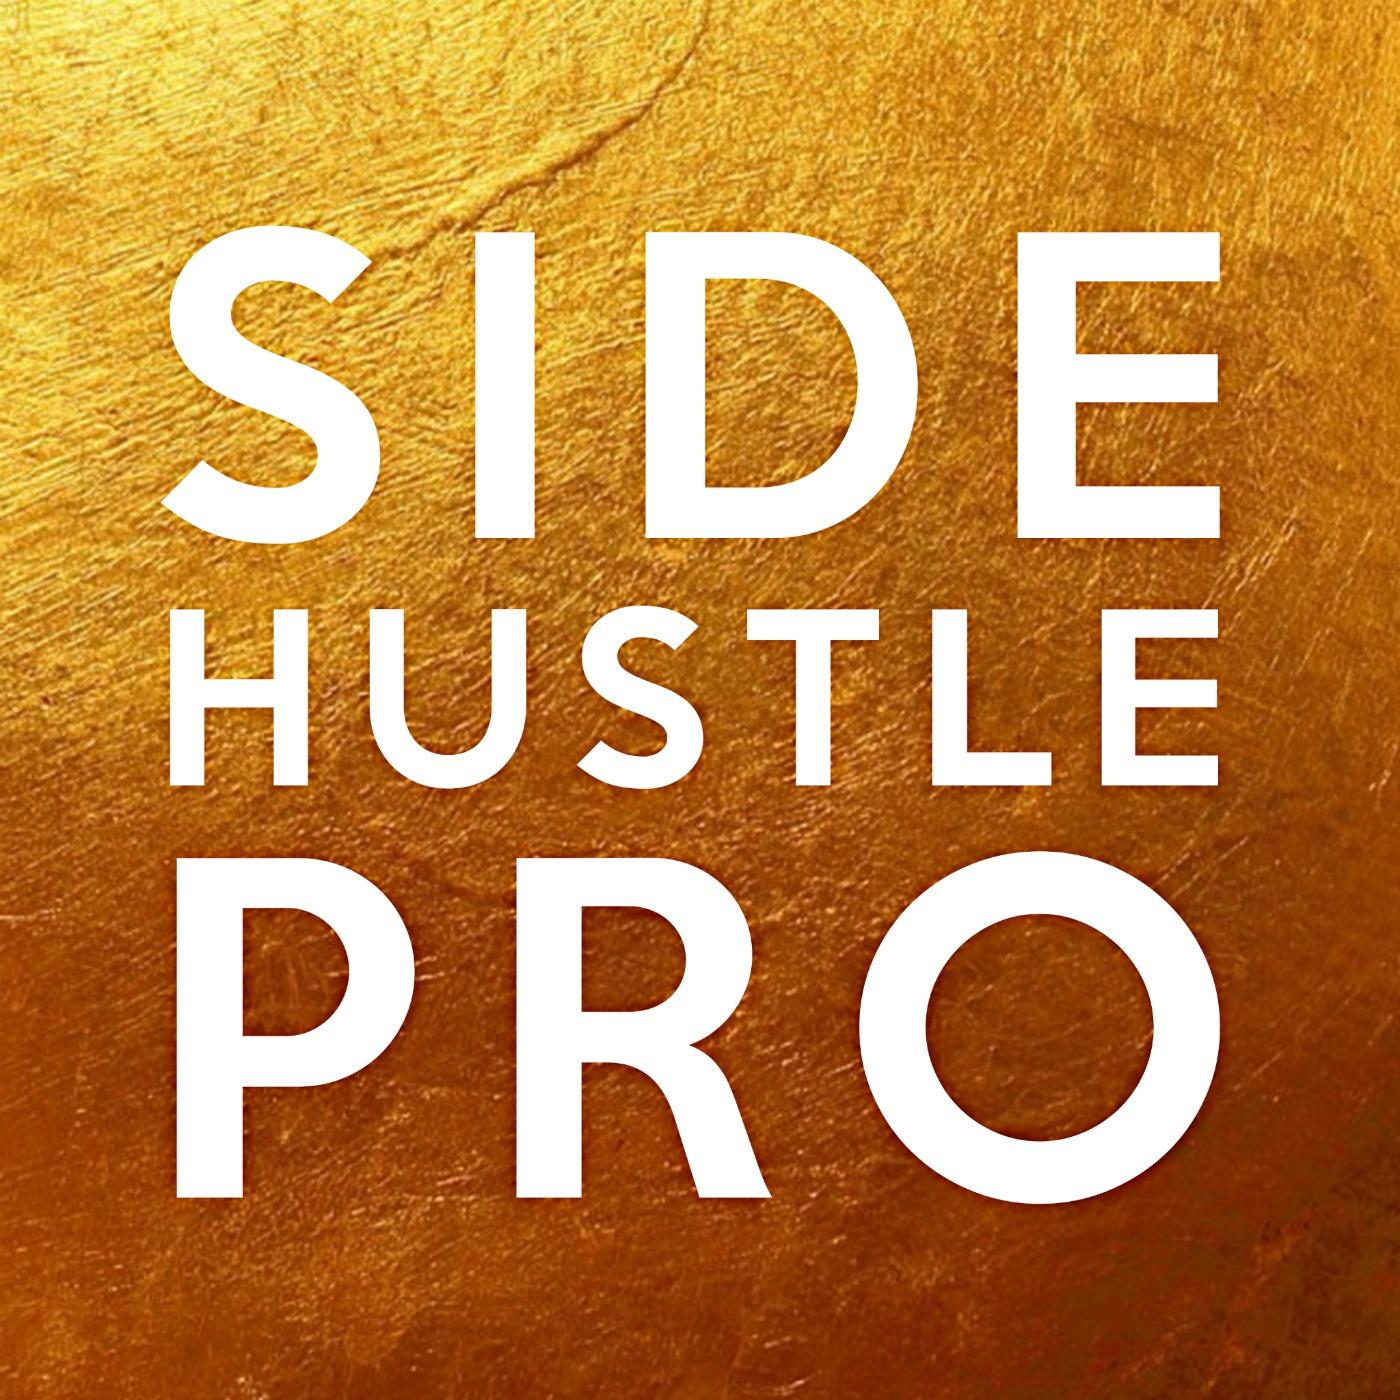 side-hustle-pro.JPG